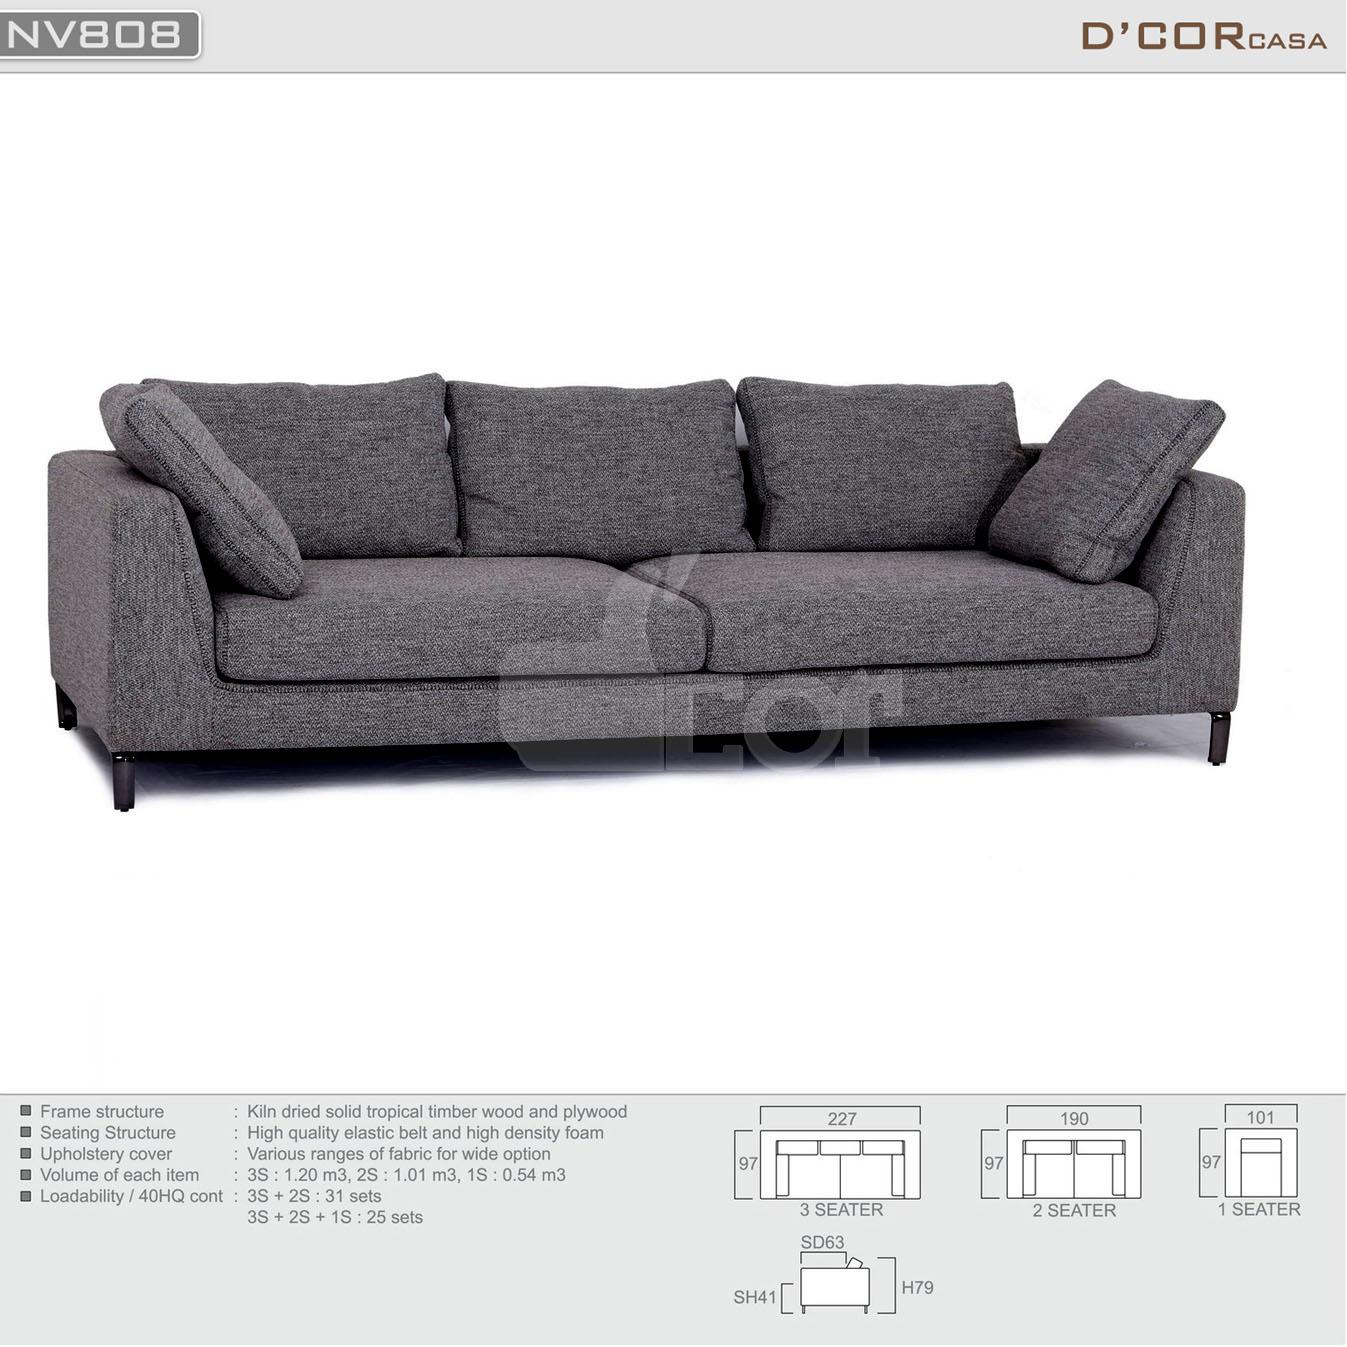 Mẫu sofa văng nỉ đẹp hiện đại  giá rẻ thịnh hành nhất năm 2018